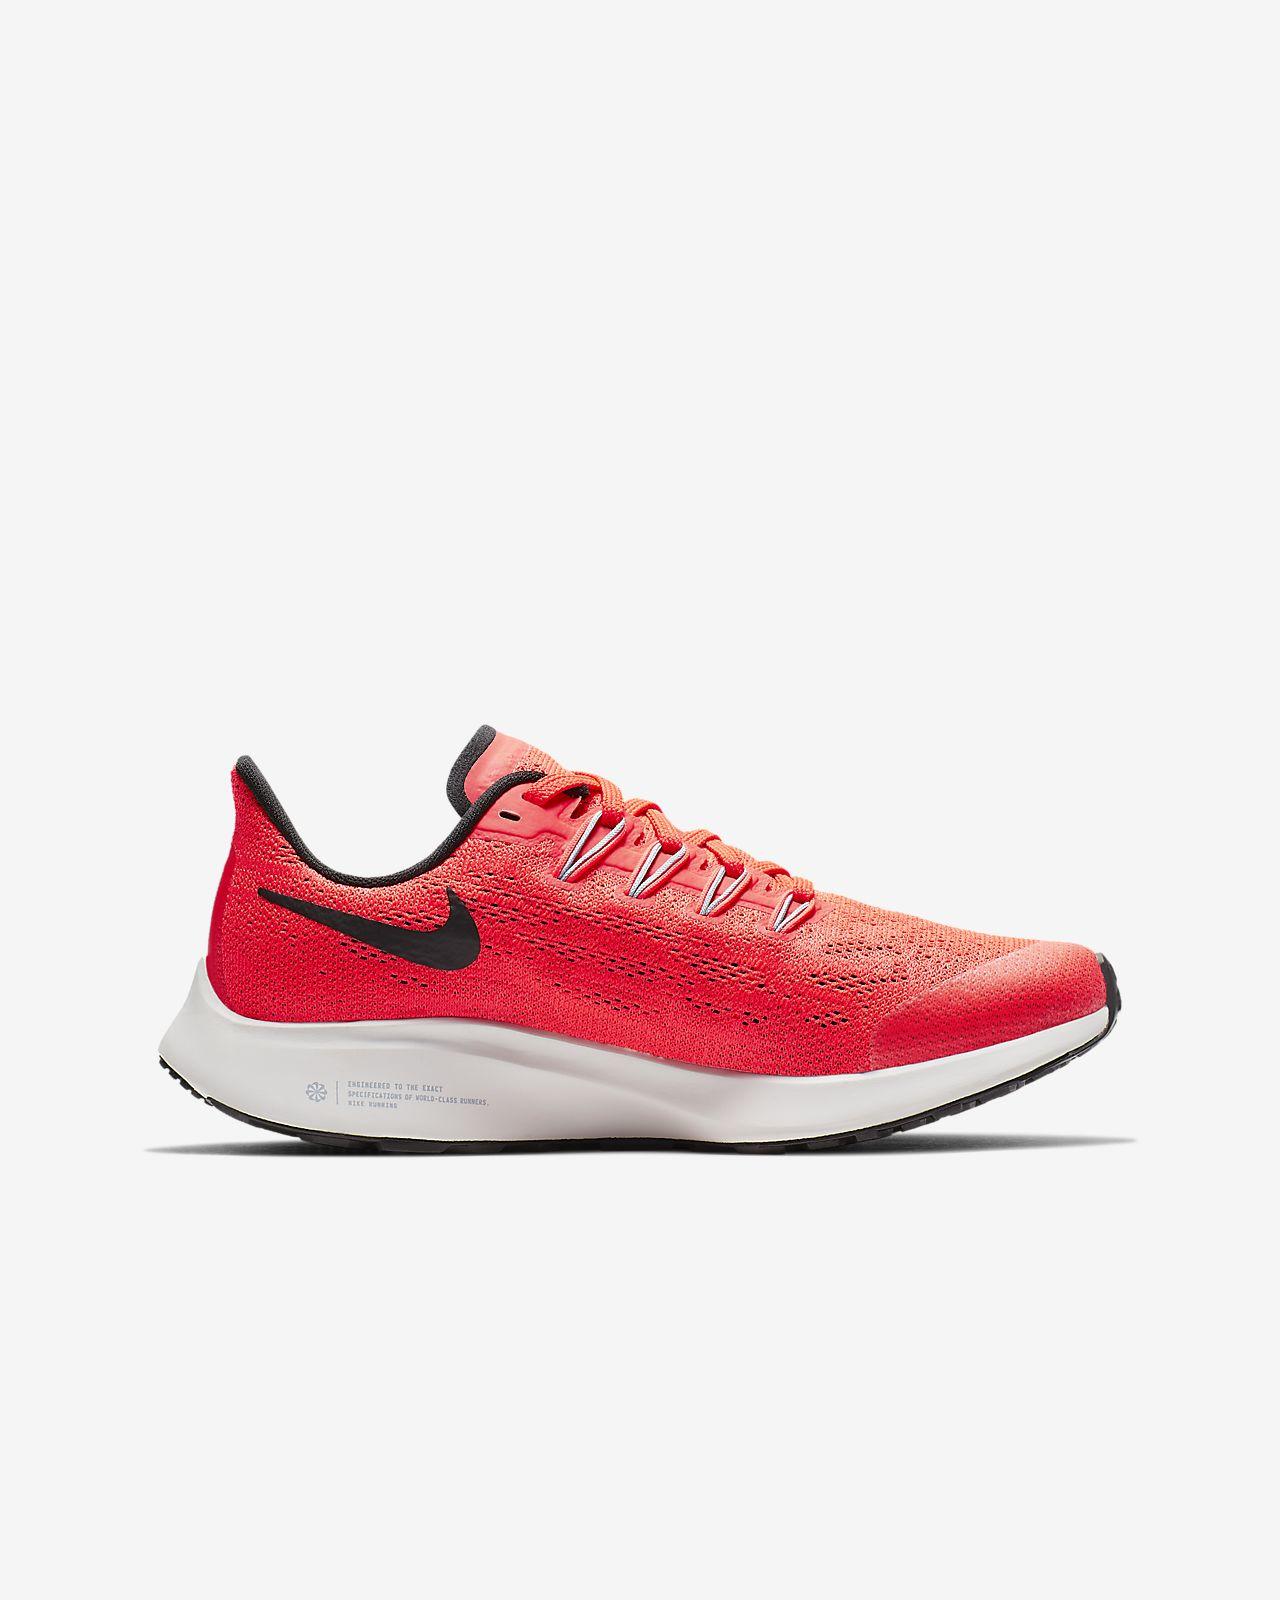 De Zoom Nike Pour Enfantenfant Âgé Jeune Chaussure 36 Air Plus Pegasus Running n0kO8PXNw